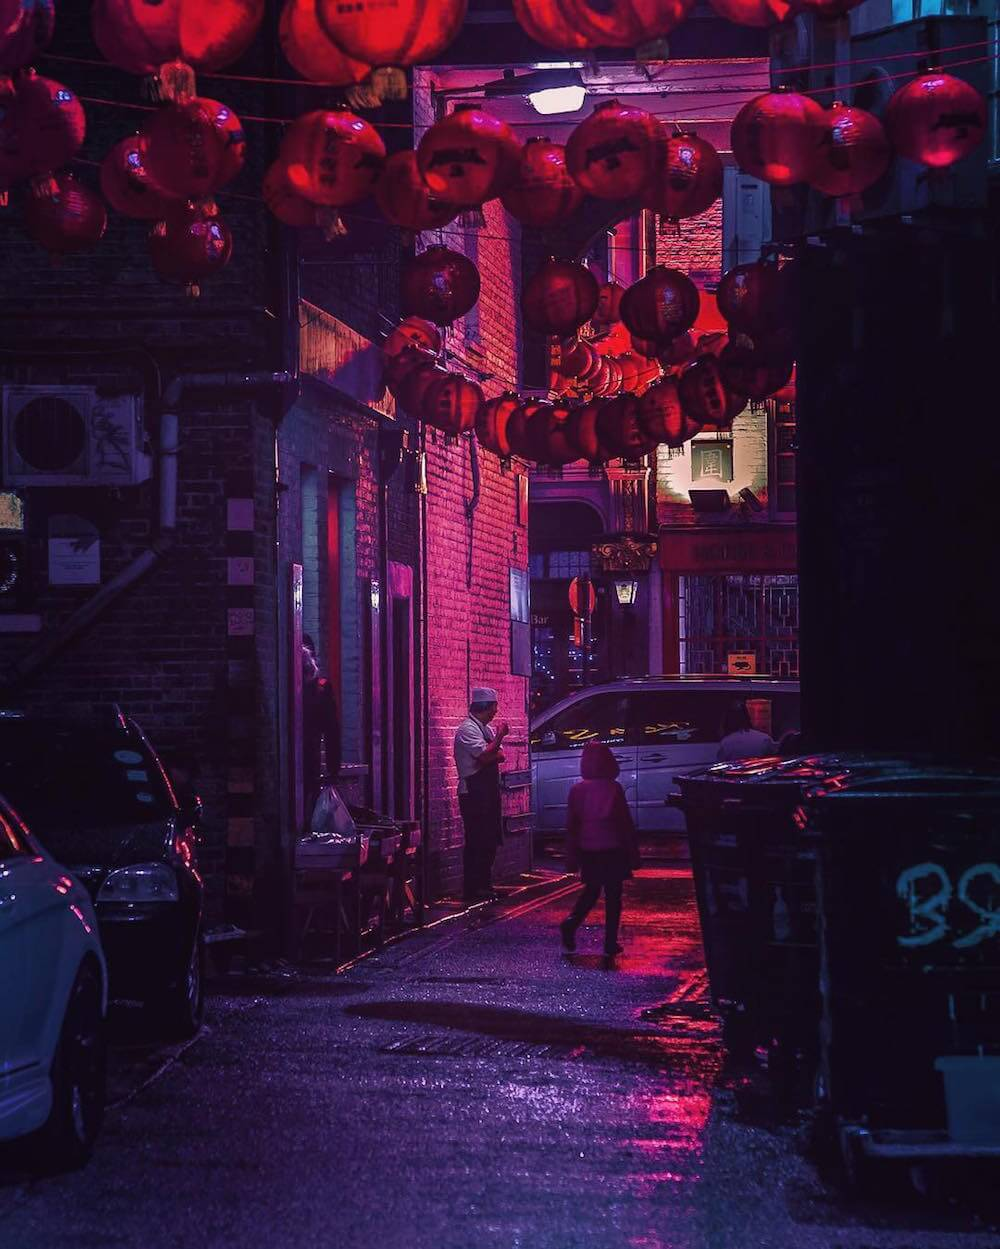 tokyos-night-life-liam-wong-freeyork-7